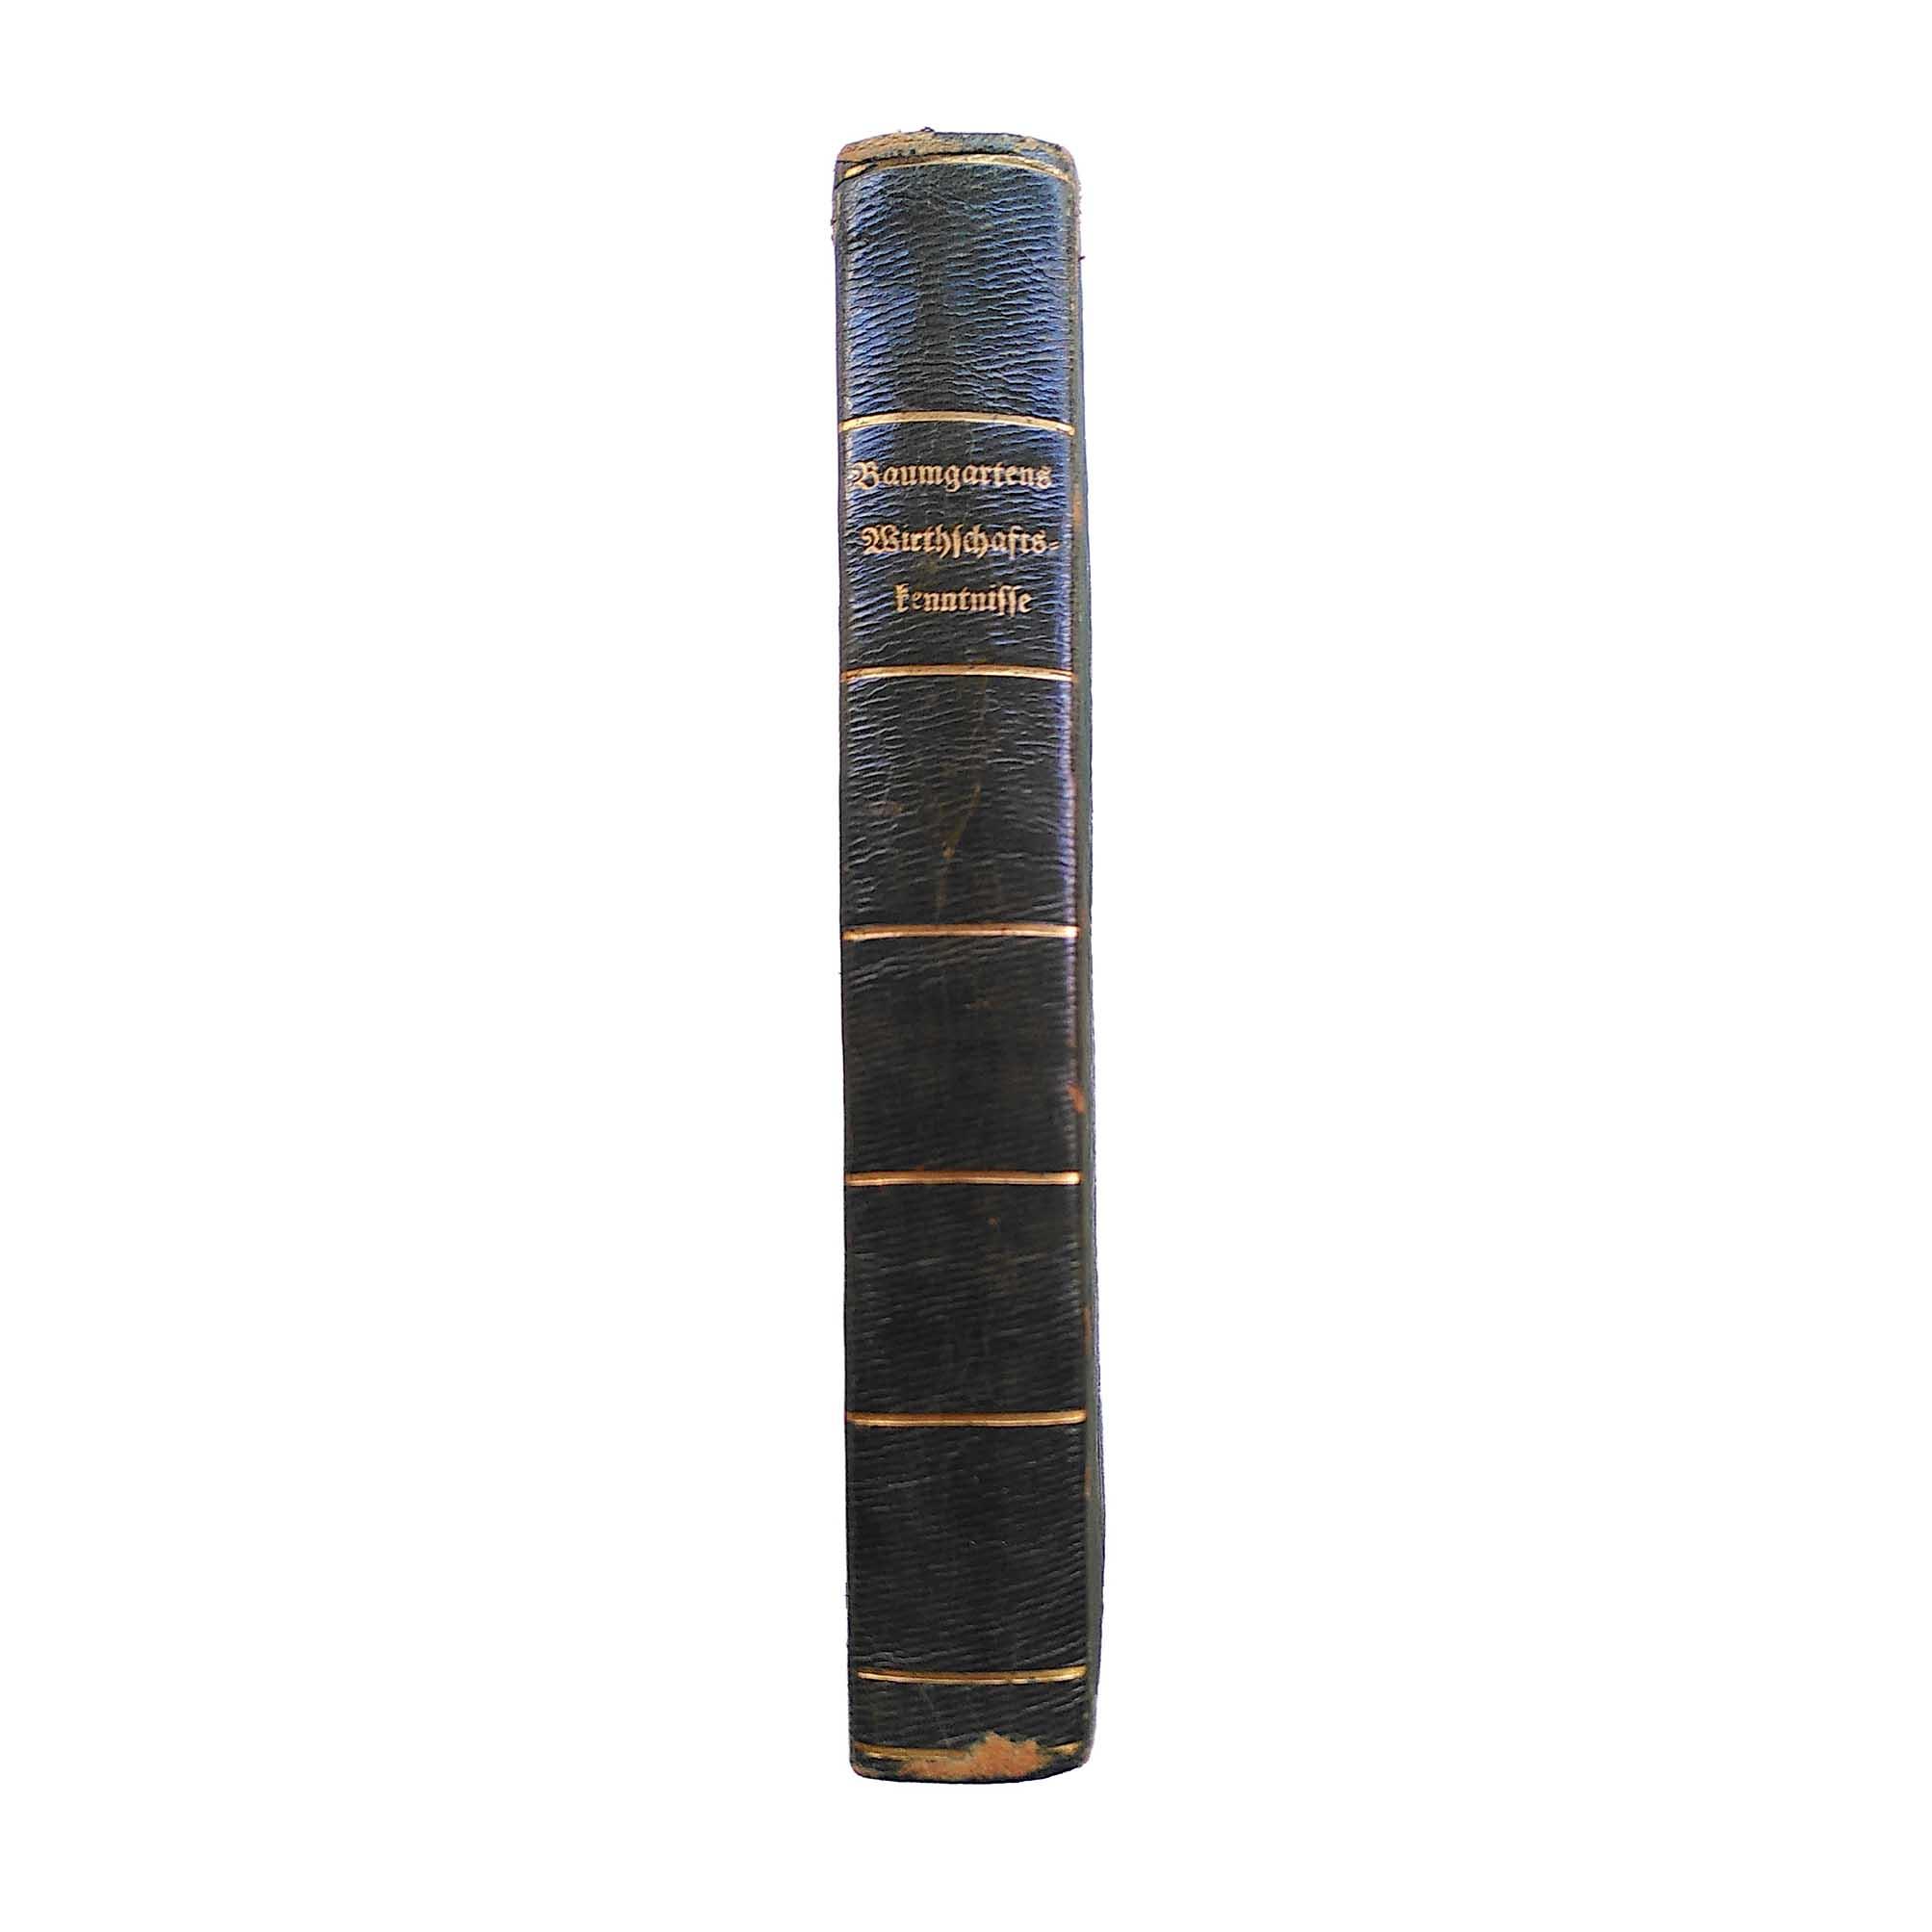 5975-Baumgarten-Haushalt-Frauen-1811-Einband-Ruecken-frei-N.jpg